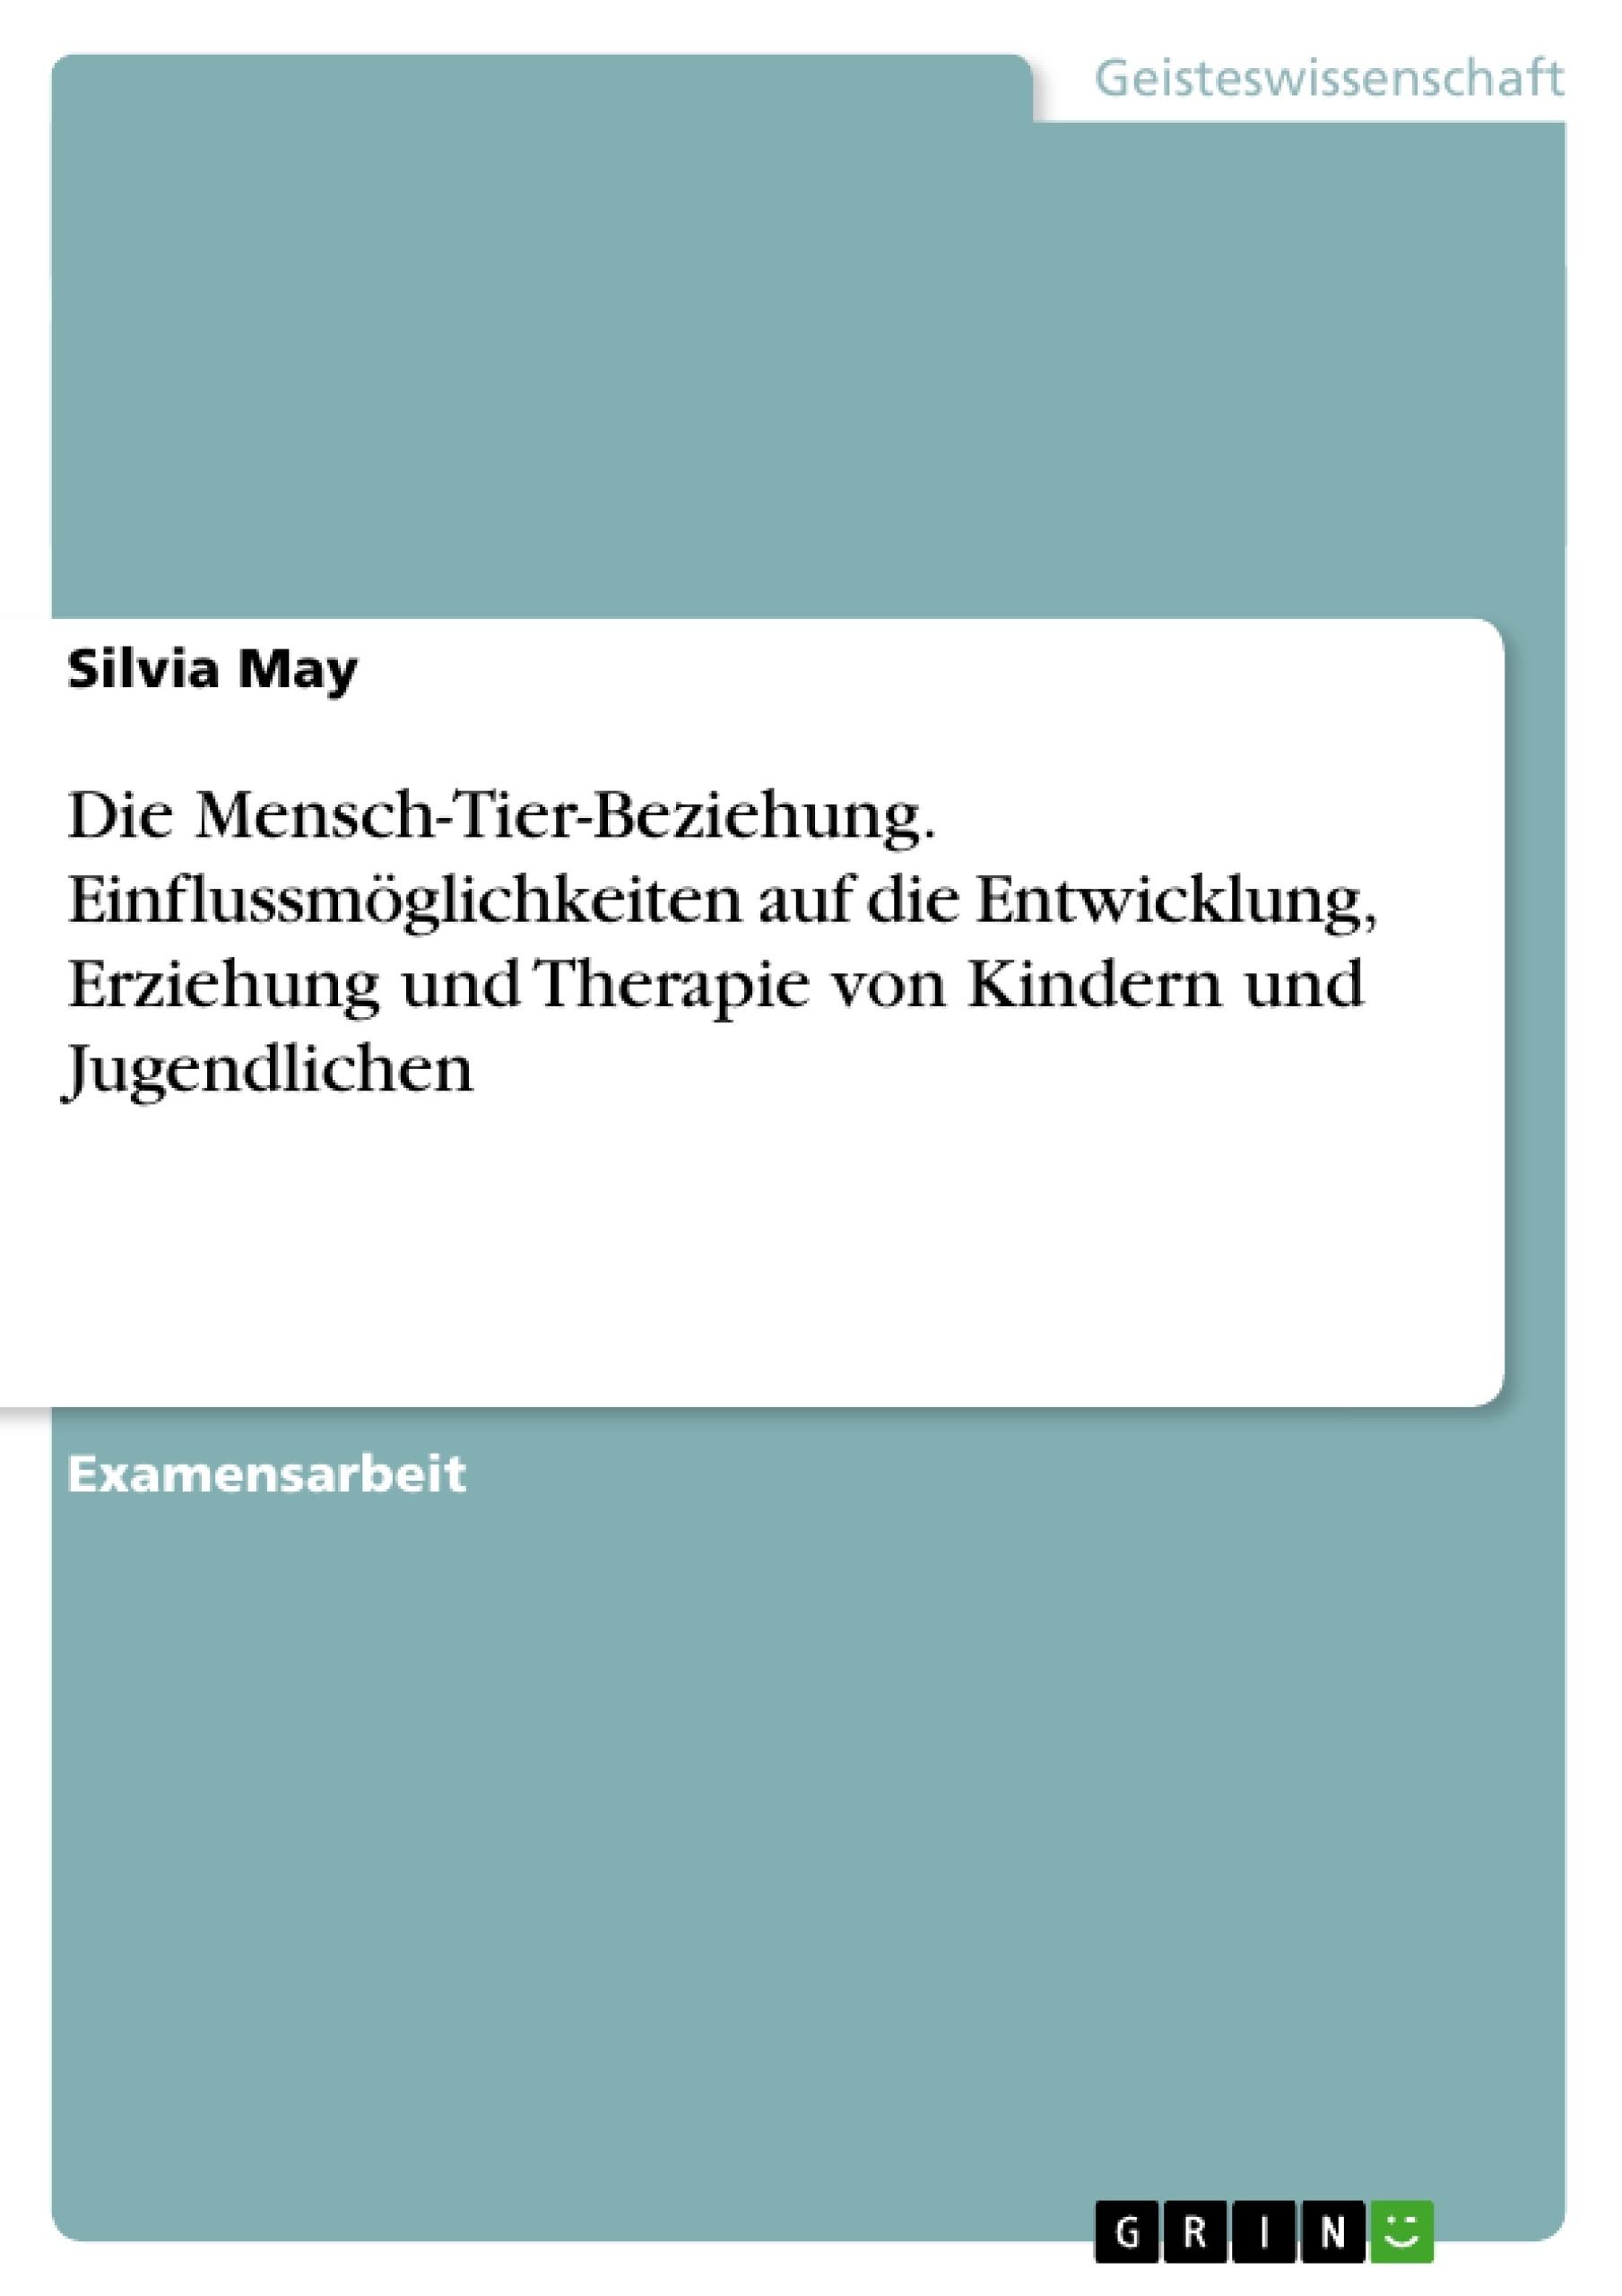 Titel: Die Mensch-Tier-Beziehung. Einflussmöglichkeiten auf die Entwicklung, Erziehung und Therapie von Kindern und Jugendlichen